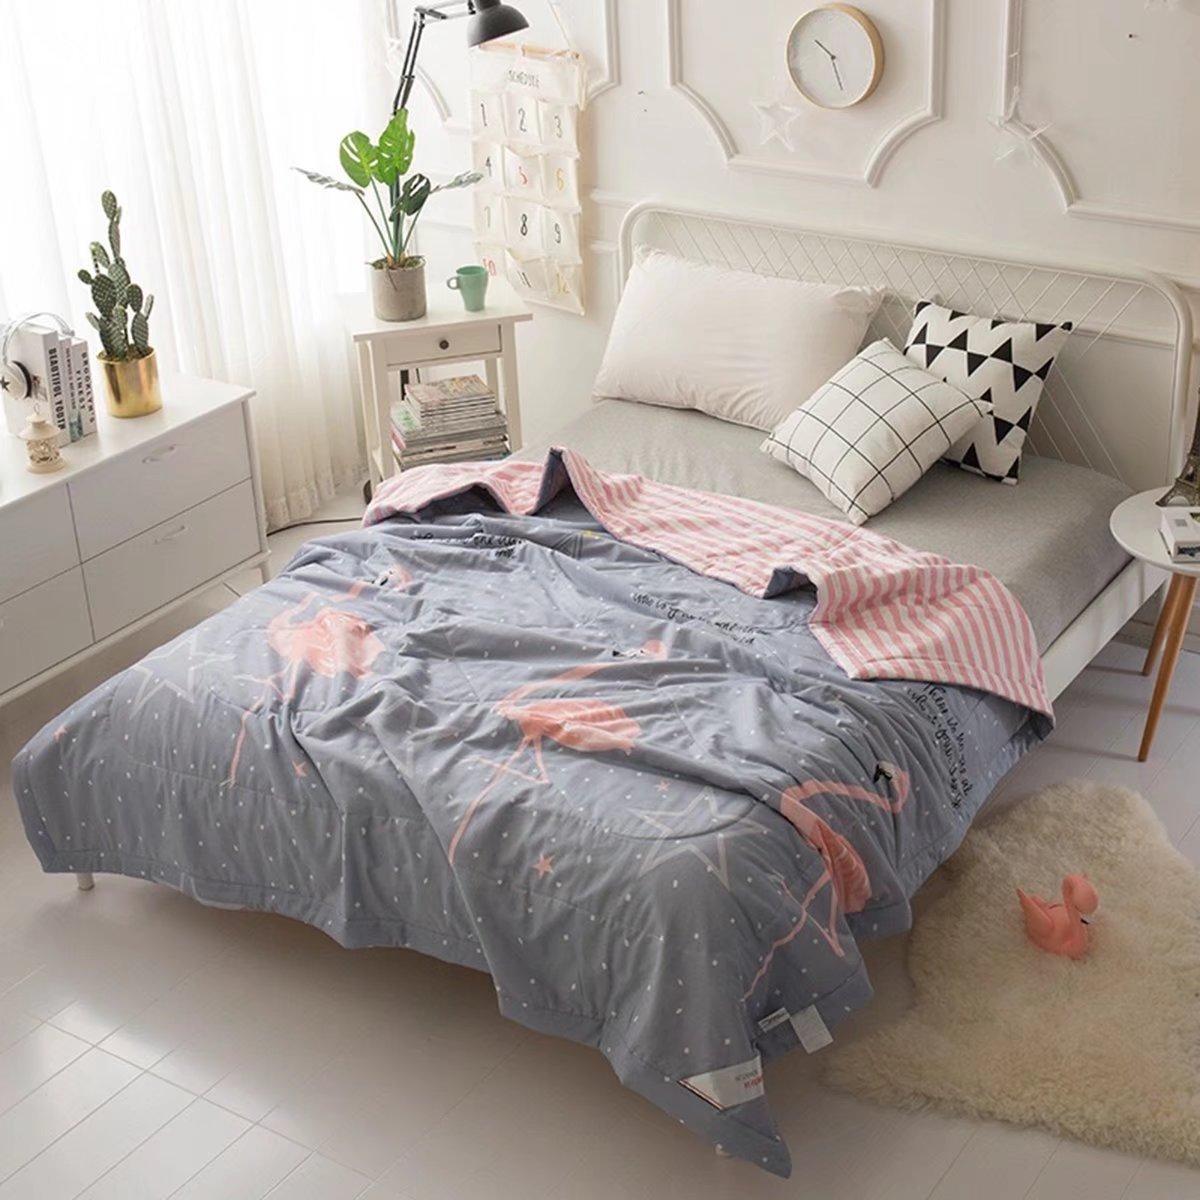 ベッドキルト マルチカバー ソファーカバー 北欧 高級カバー キルティング ベッドカバー シングル キルト 綿 おしゃれ かわいい EBODONG B07CQXF9HG180*220cm